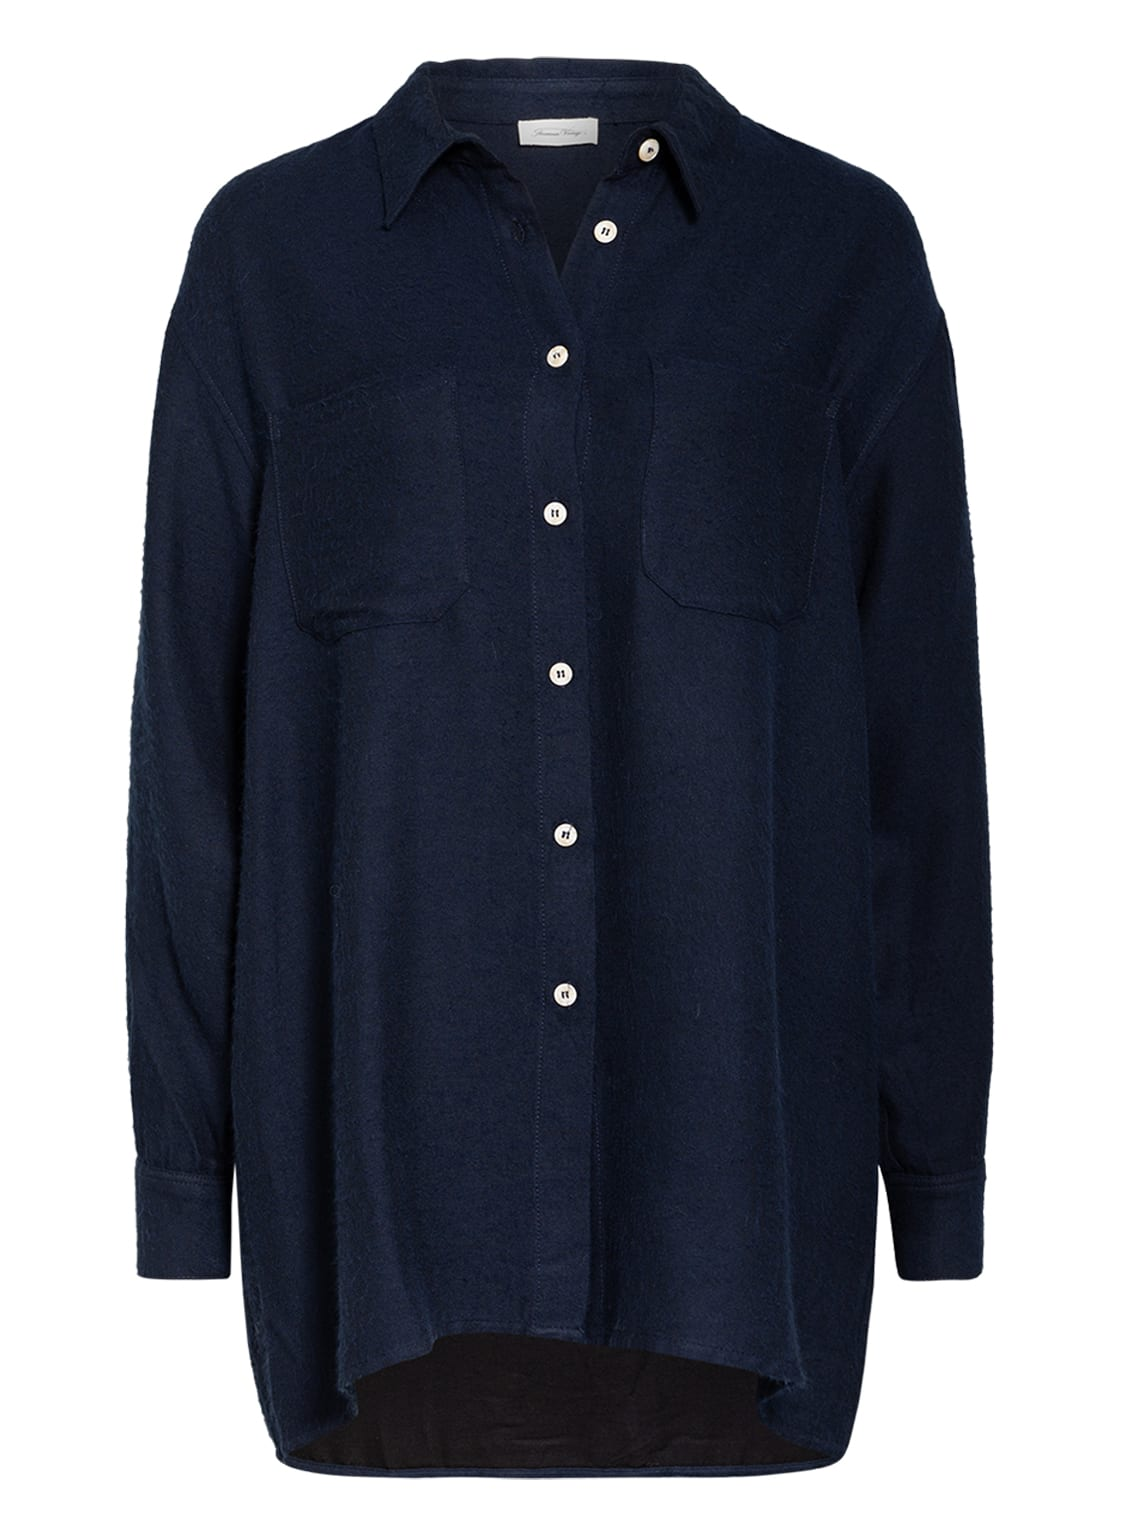 Image of American Vintage Hemdbluse blau